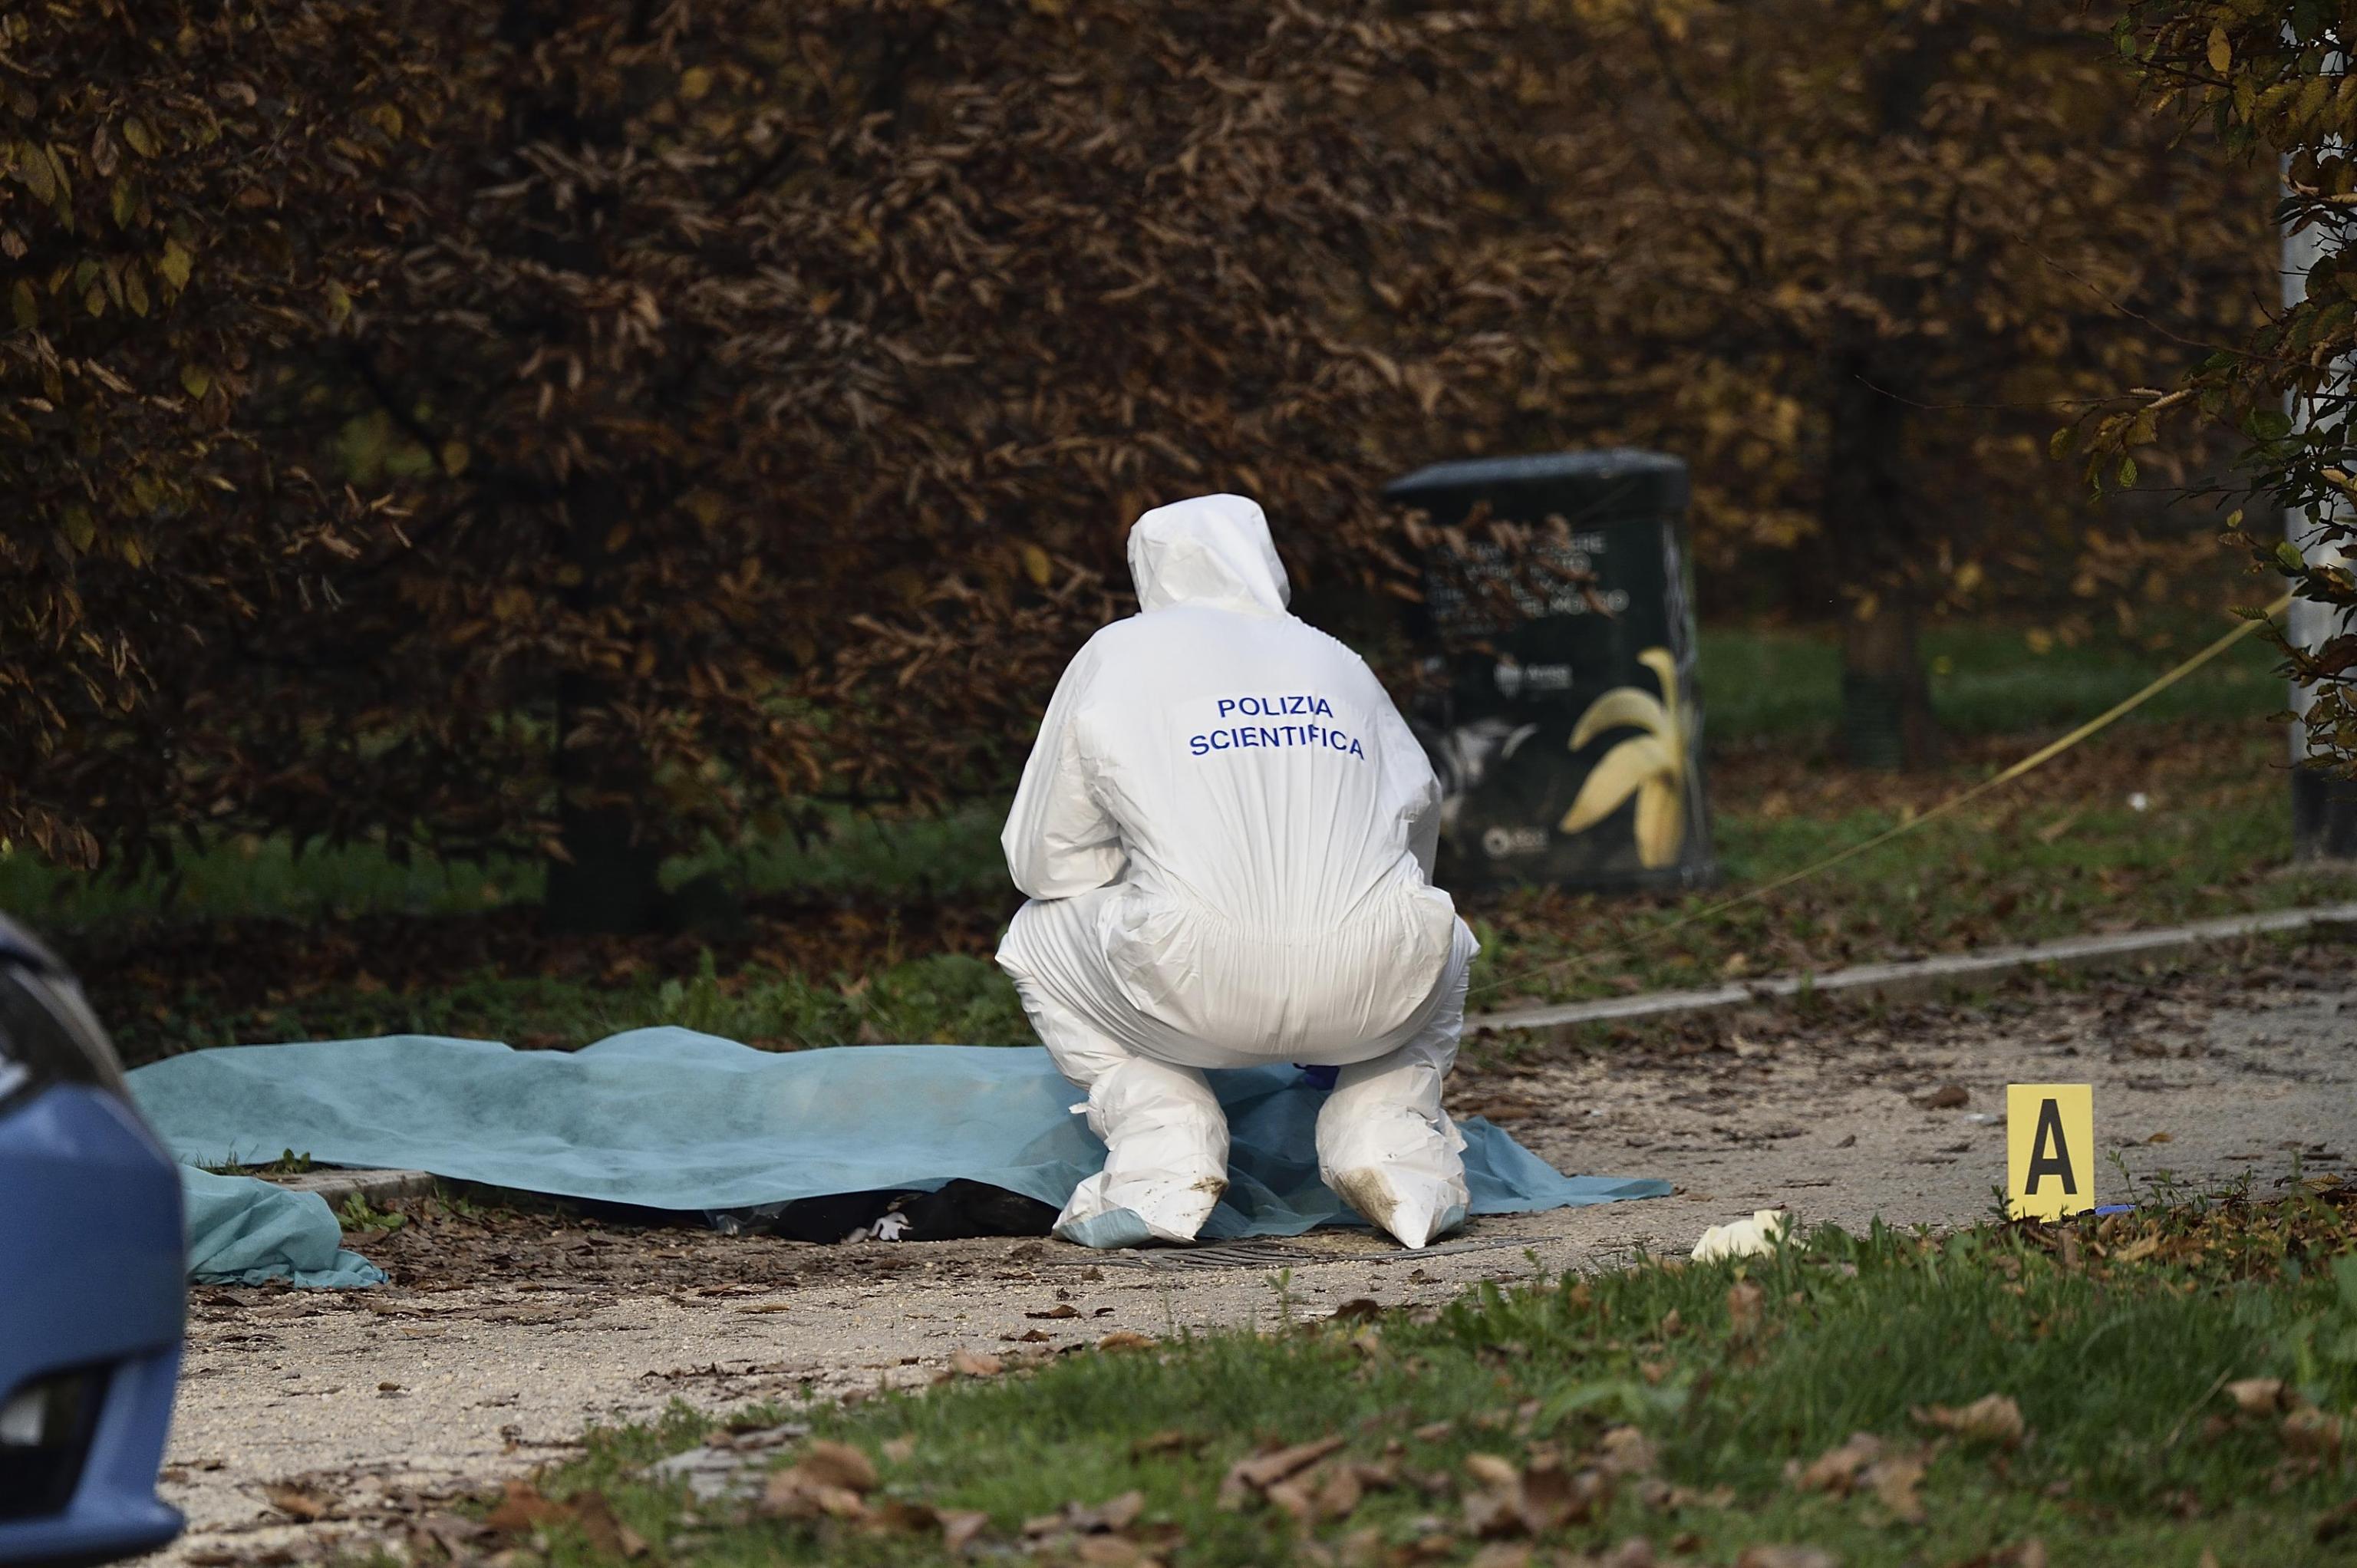 Trovata morta al parco, è stata uccisa